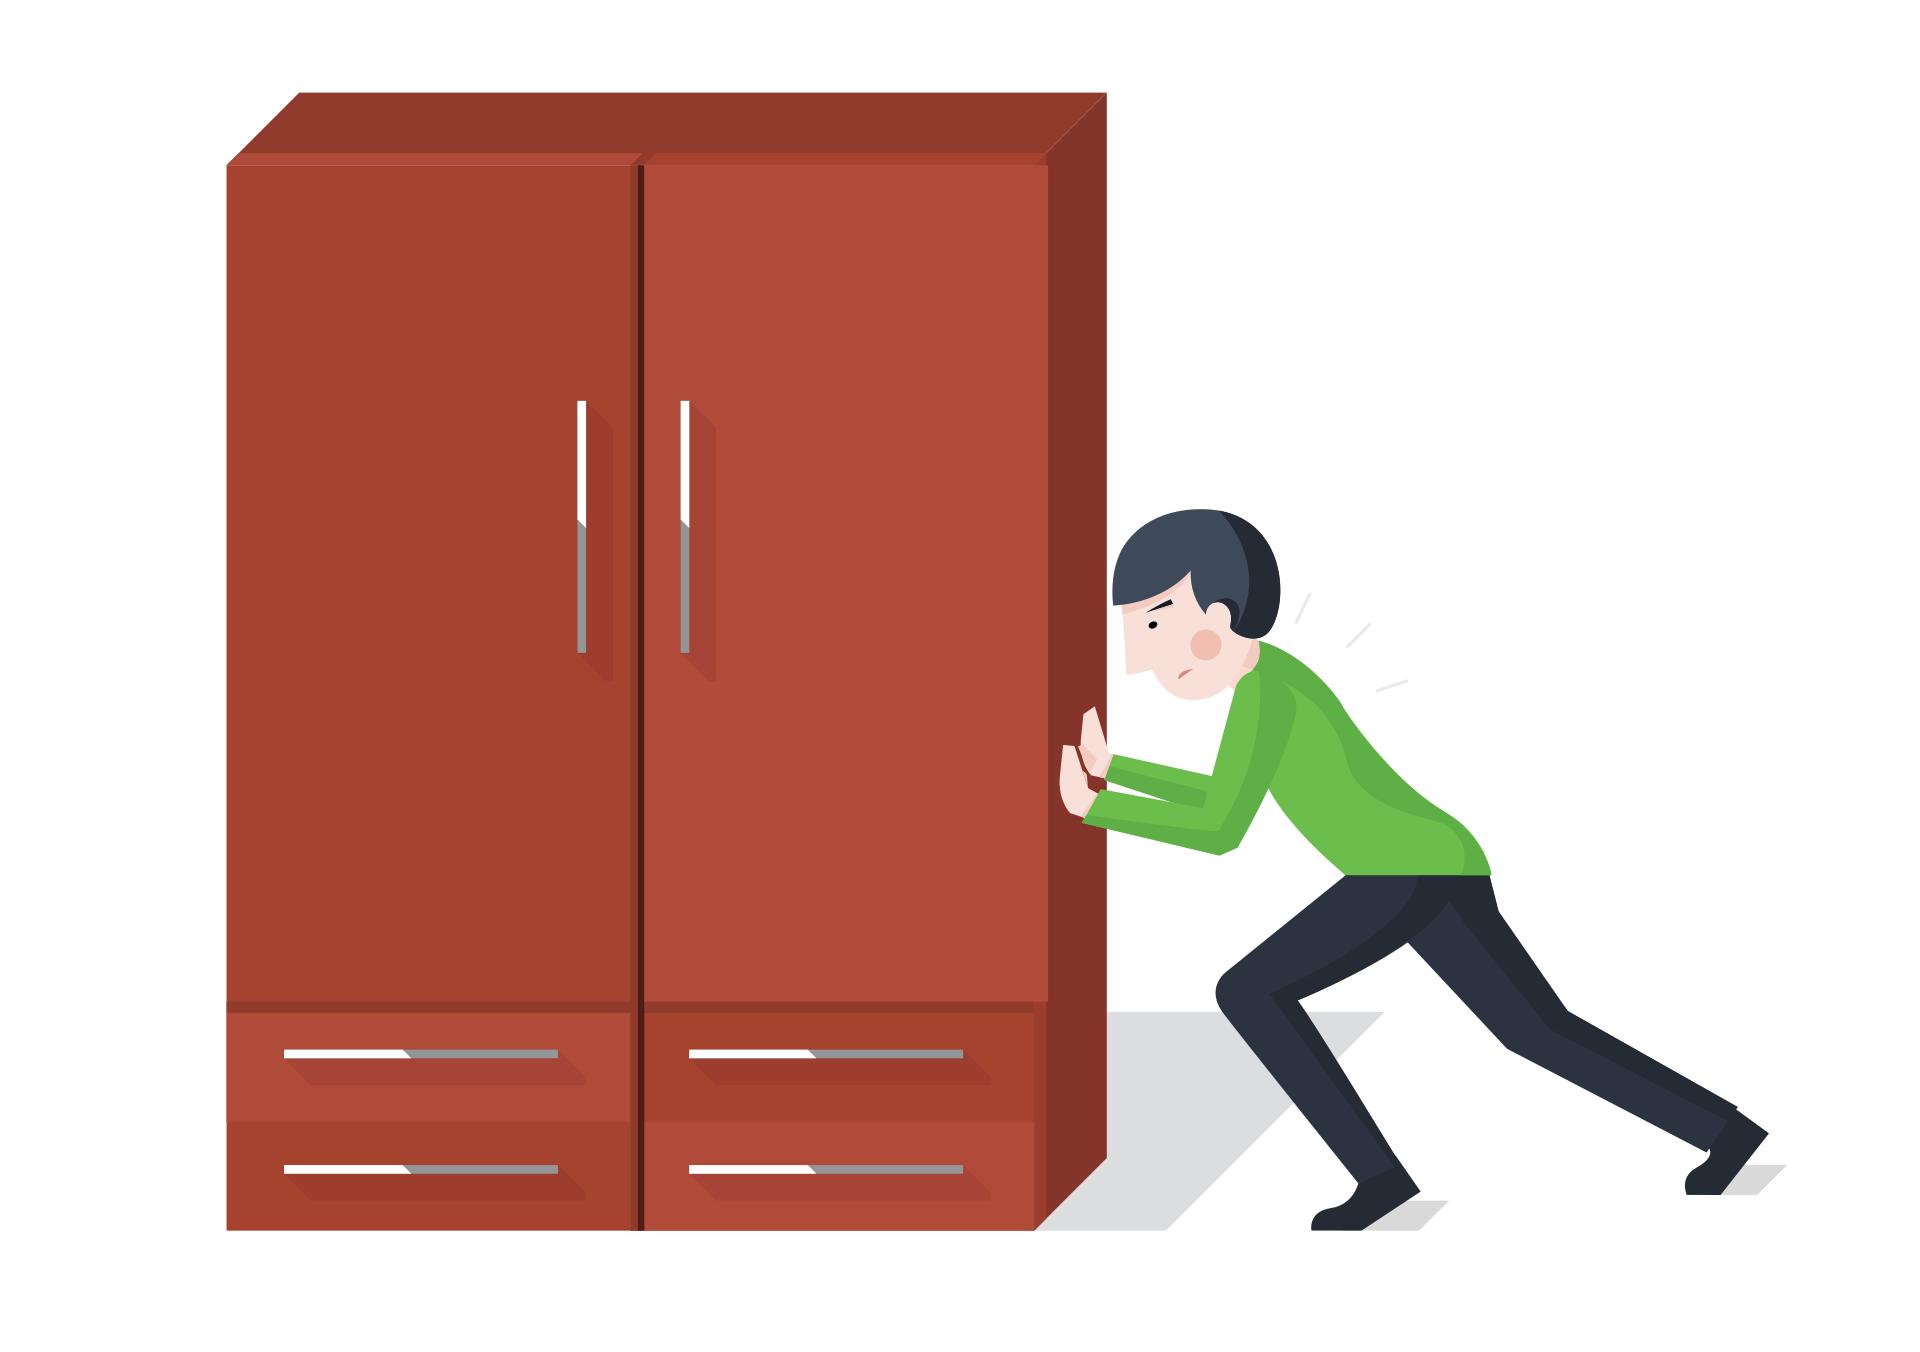 Człowiek przesuwający szafę